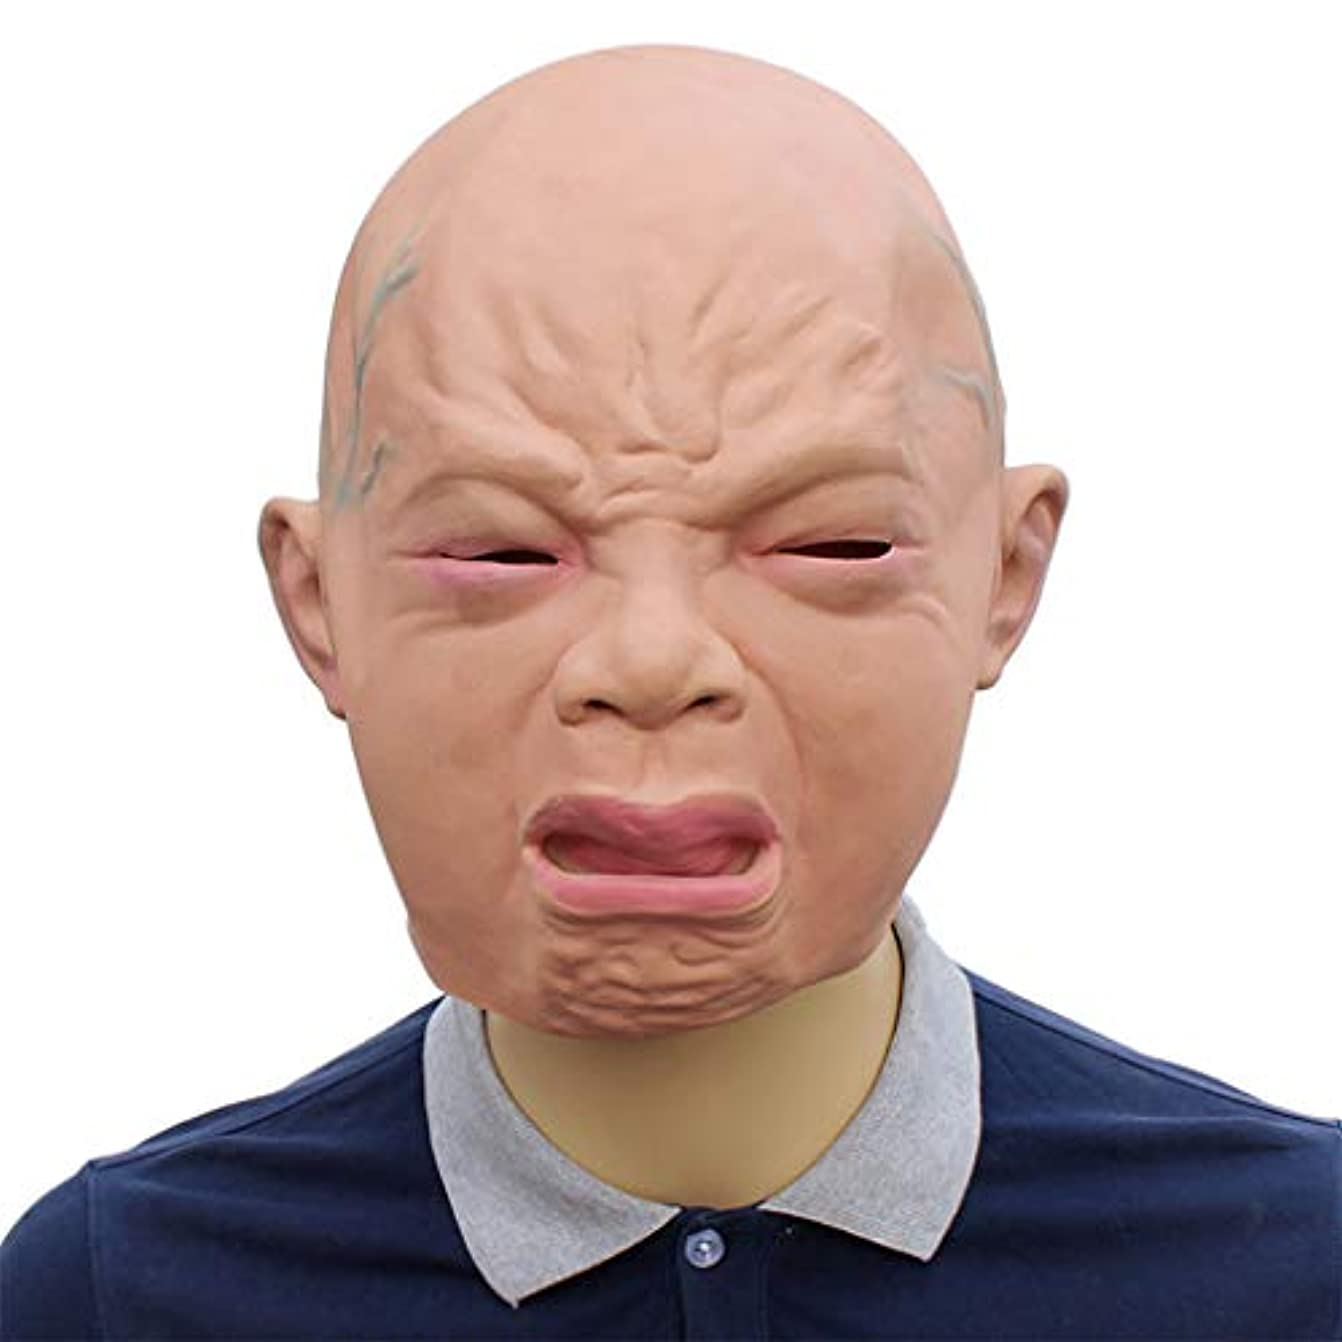 メンタリティ食べる八ハロウィンマスク、キャラクターマスク、ノベルティファニーラテックスリアルな泣き虫ベビーギア、ハロウィンイースターコスチュームコスプレ用